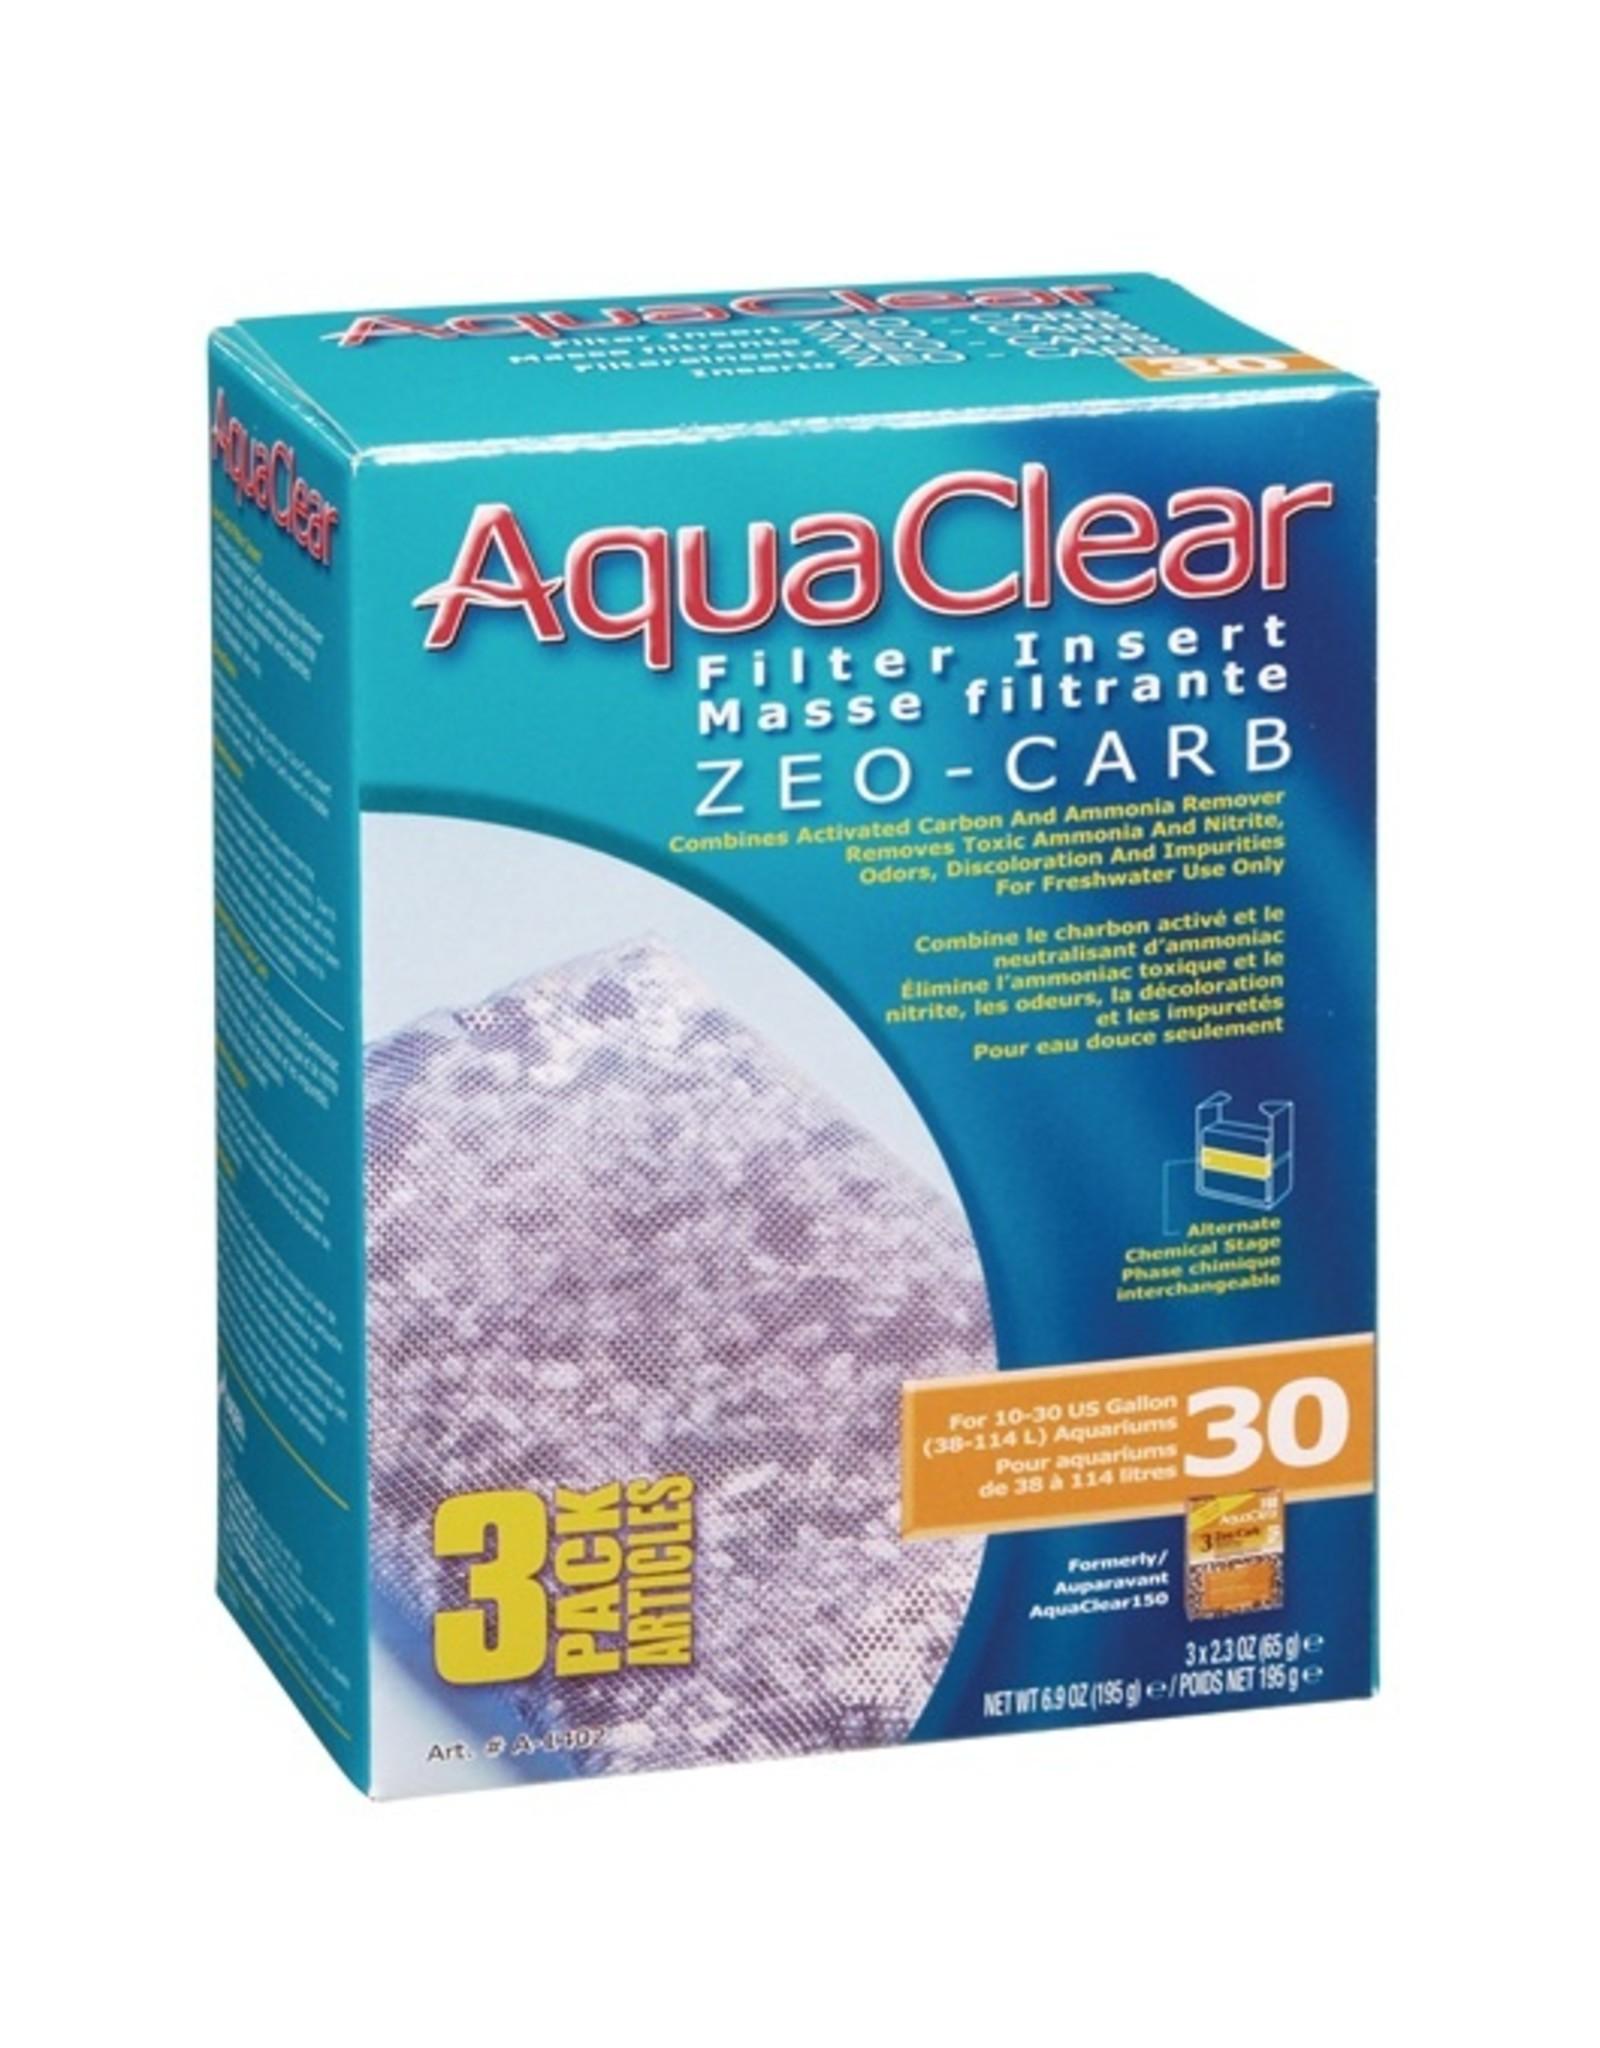 Aquaclear AQUACLEAR Zeo-Carb